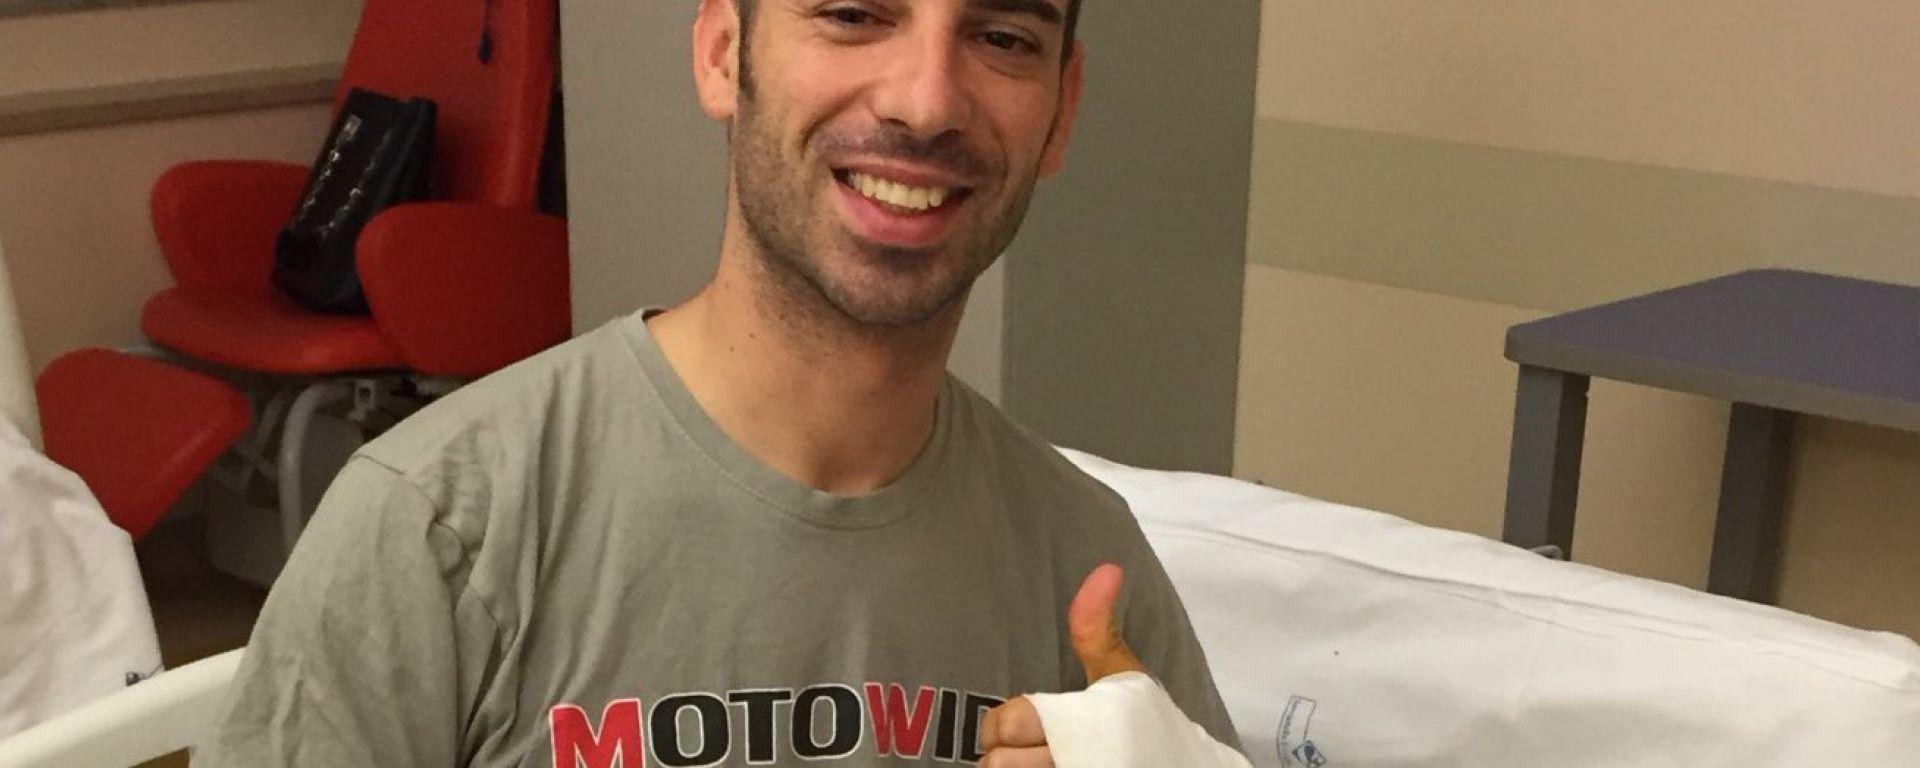 SUPERBIKE 2017: MARCO MELANDRI, OPERATO AL MENISCO LESIONATO, INIZIA LA RIABILITAZIONE